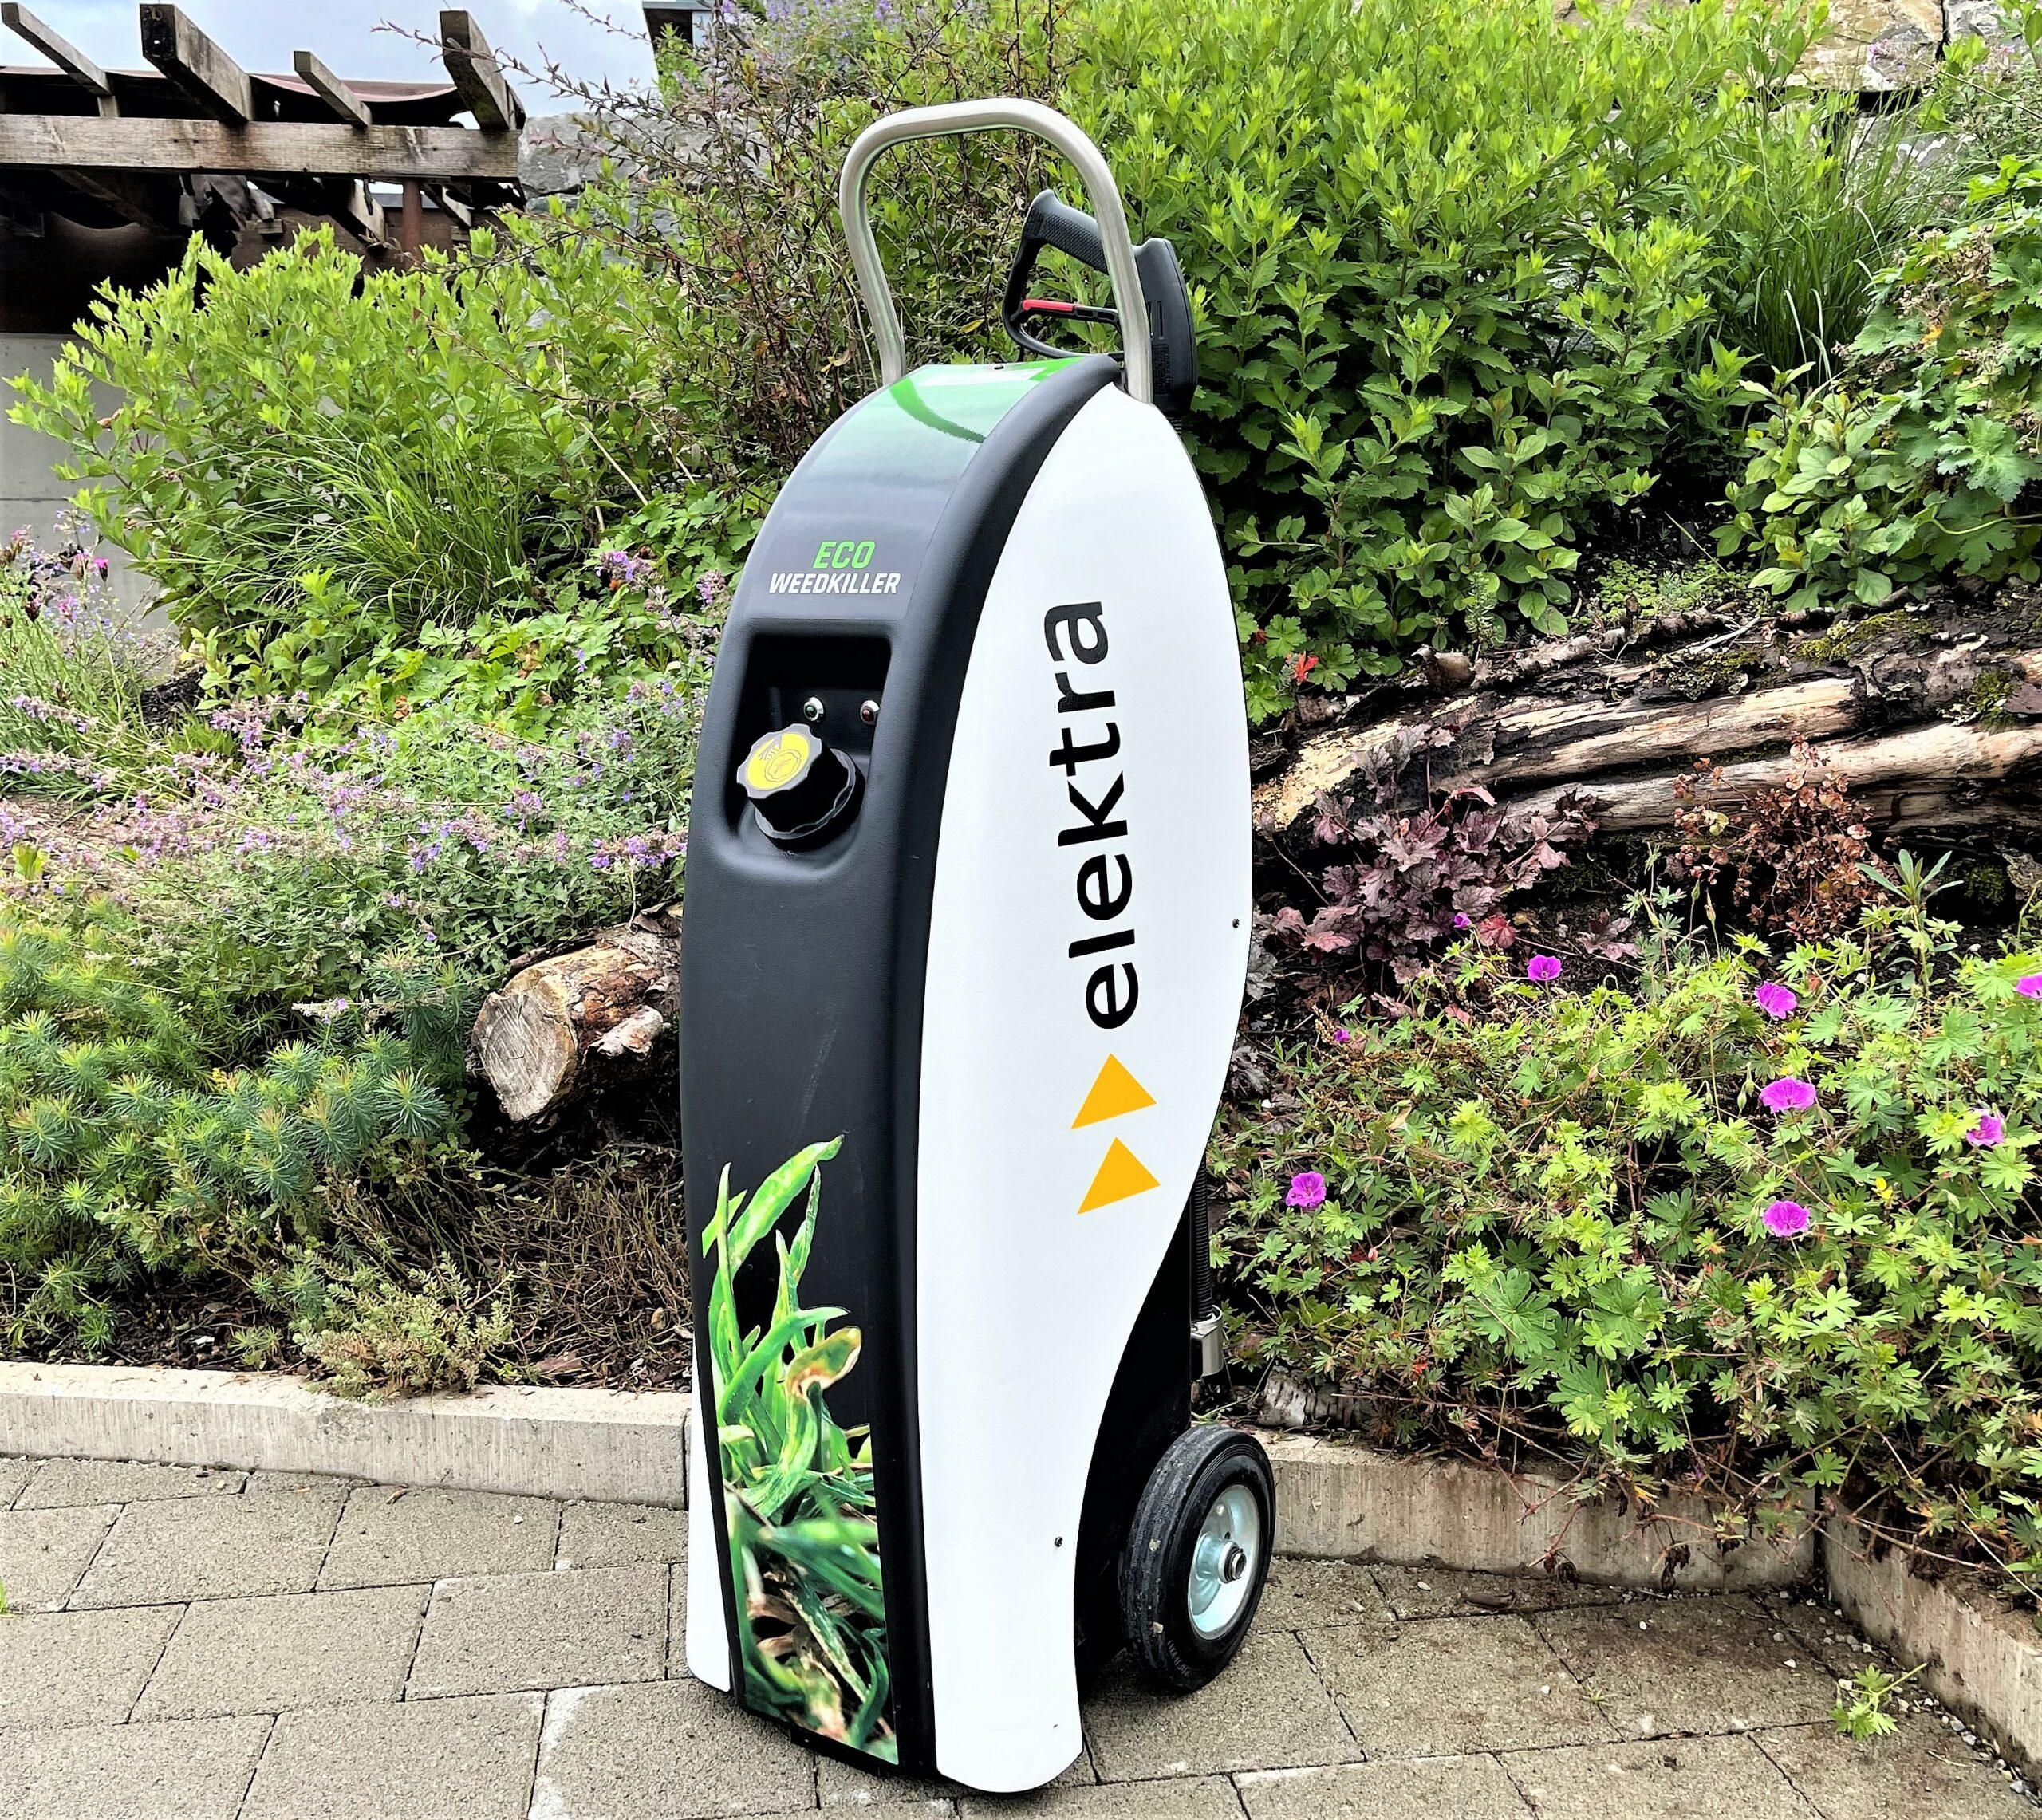 Der Eco Weedkiller Garden ist ein Heisswassergerät, mit dem das Unkraut giftfrei bekämpft werden kann.